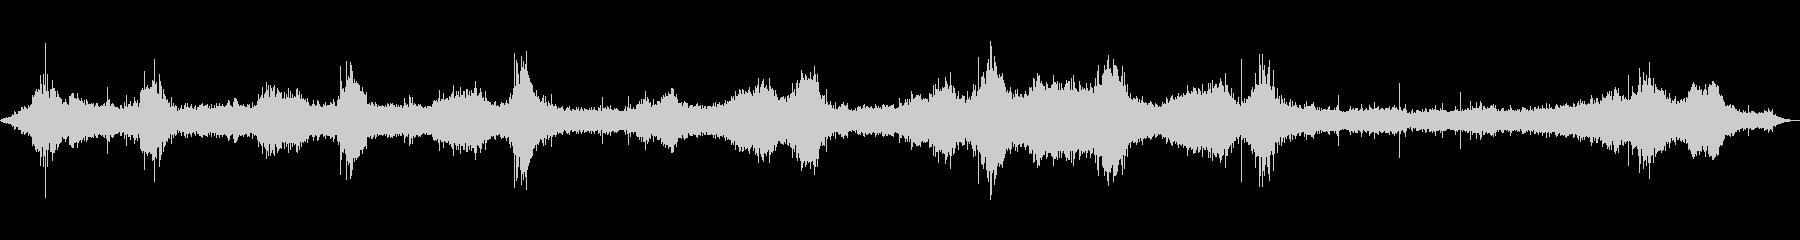 【自然音】波の音01(八丈島)の未再生の波形